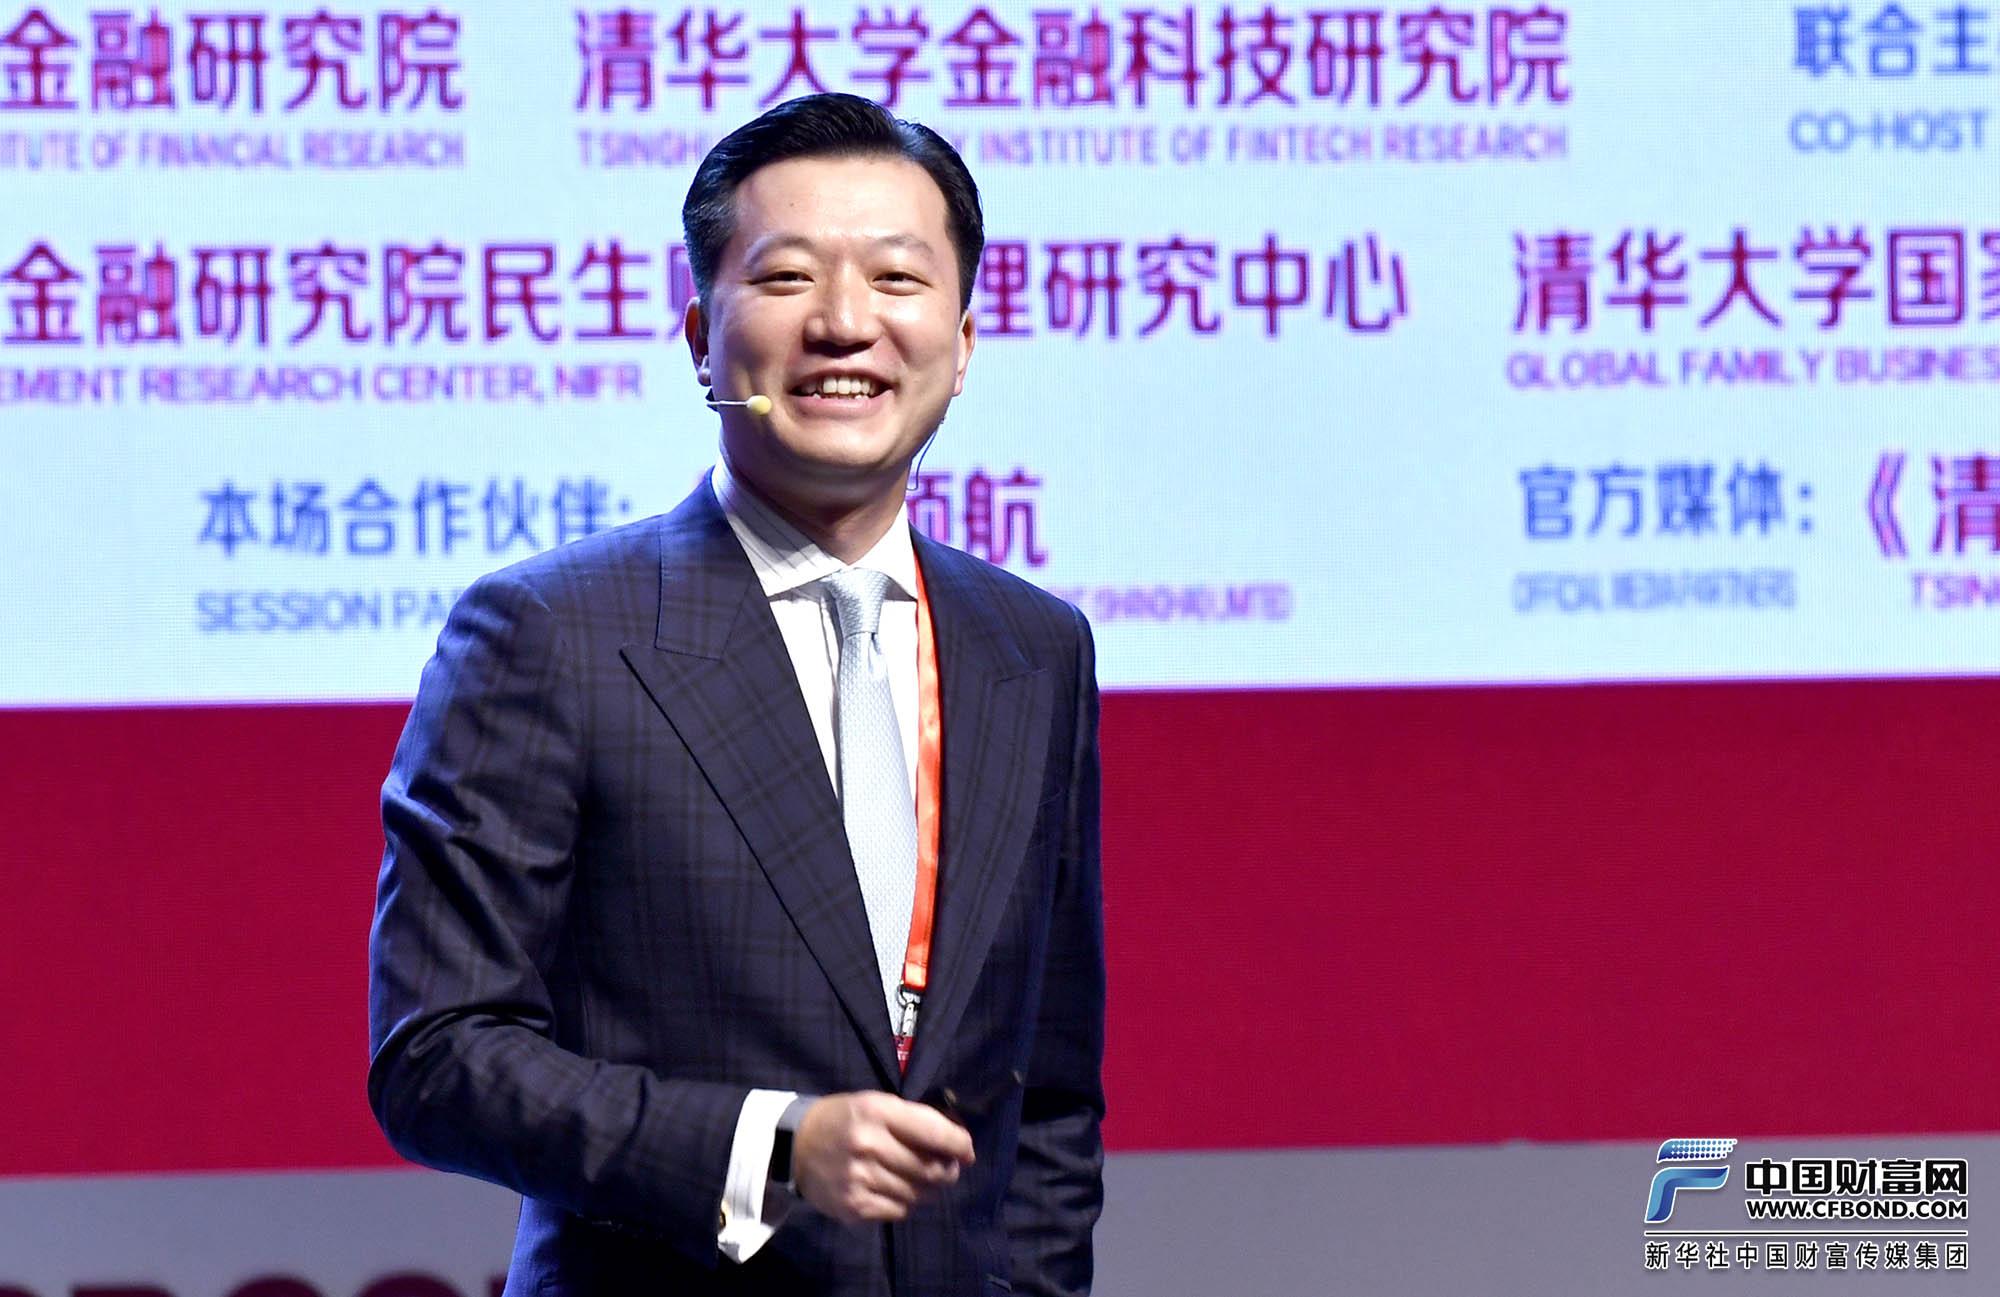 林晓东:指数基金平均收益优于主动型基金